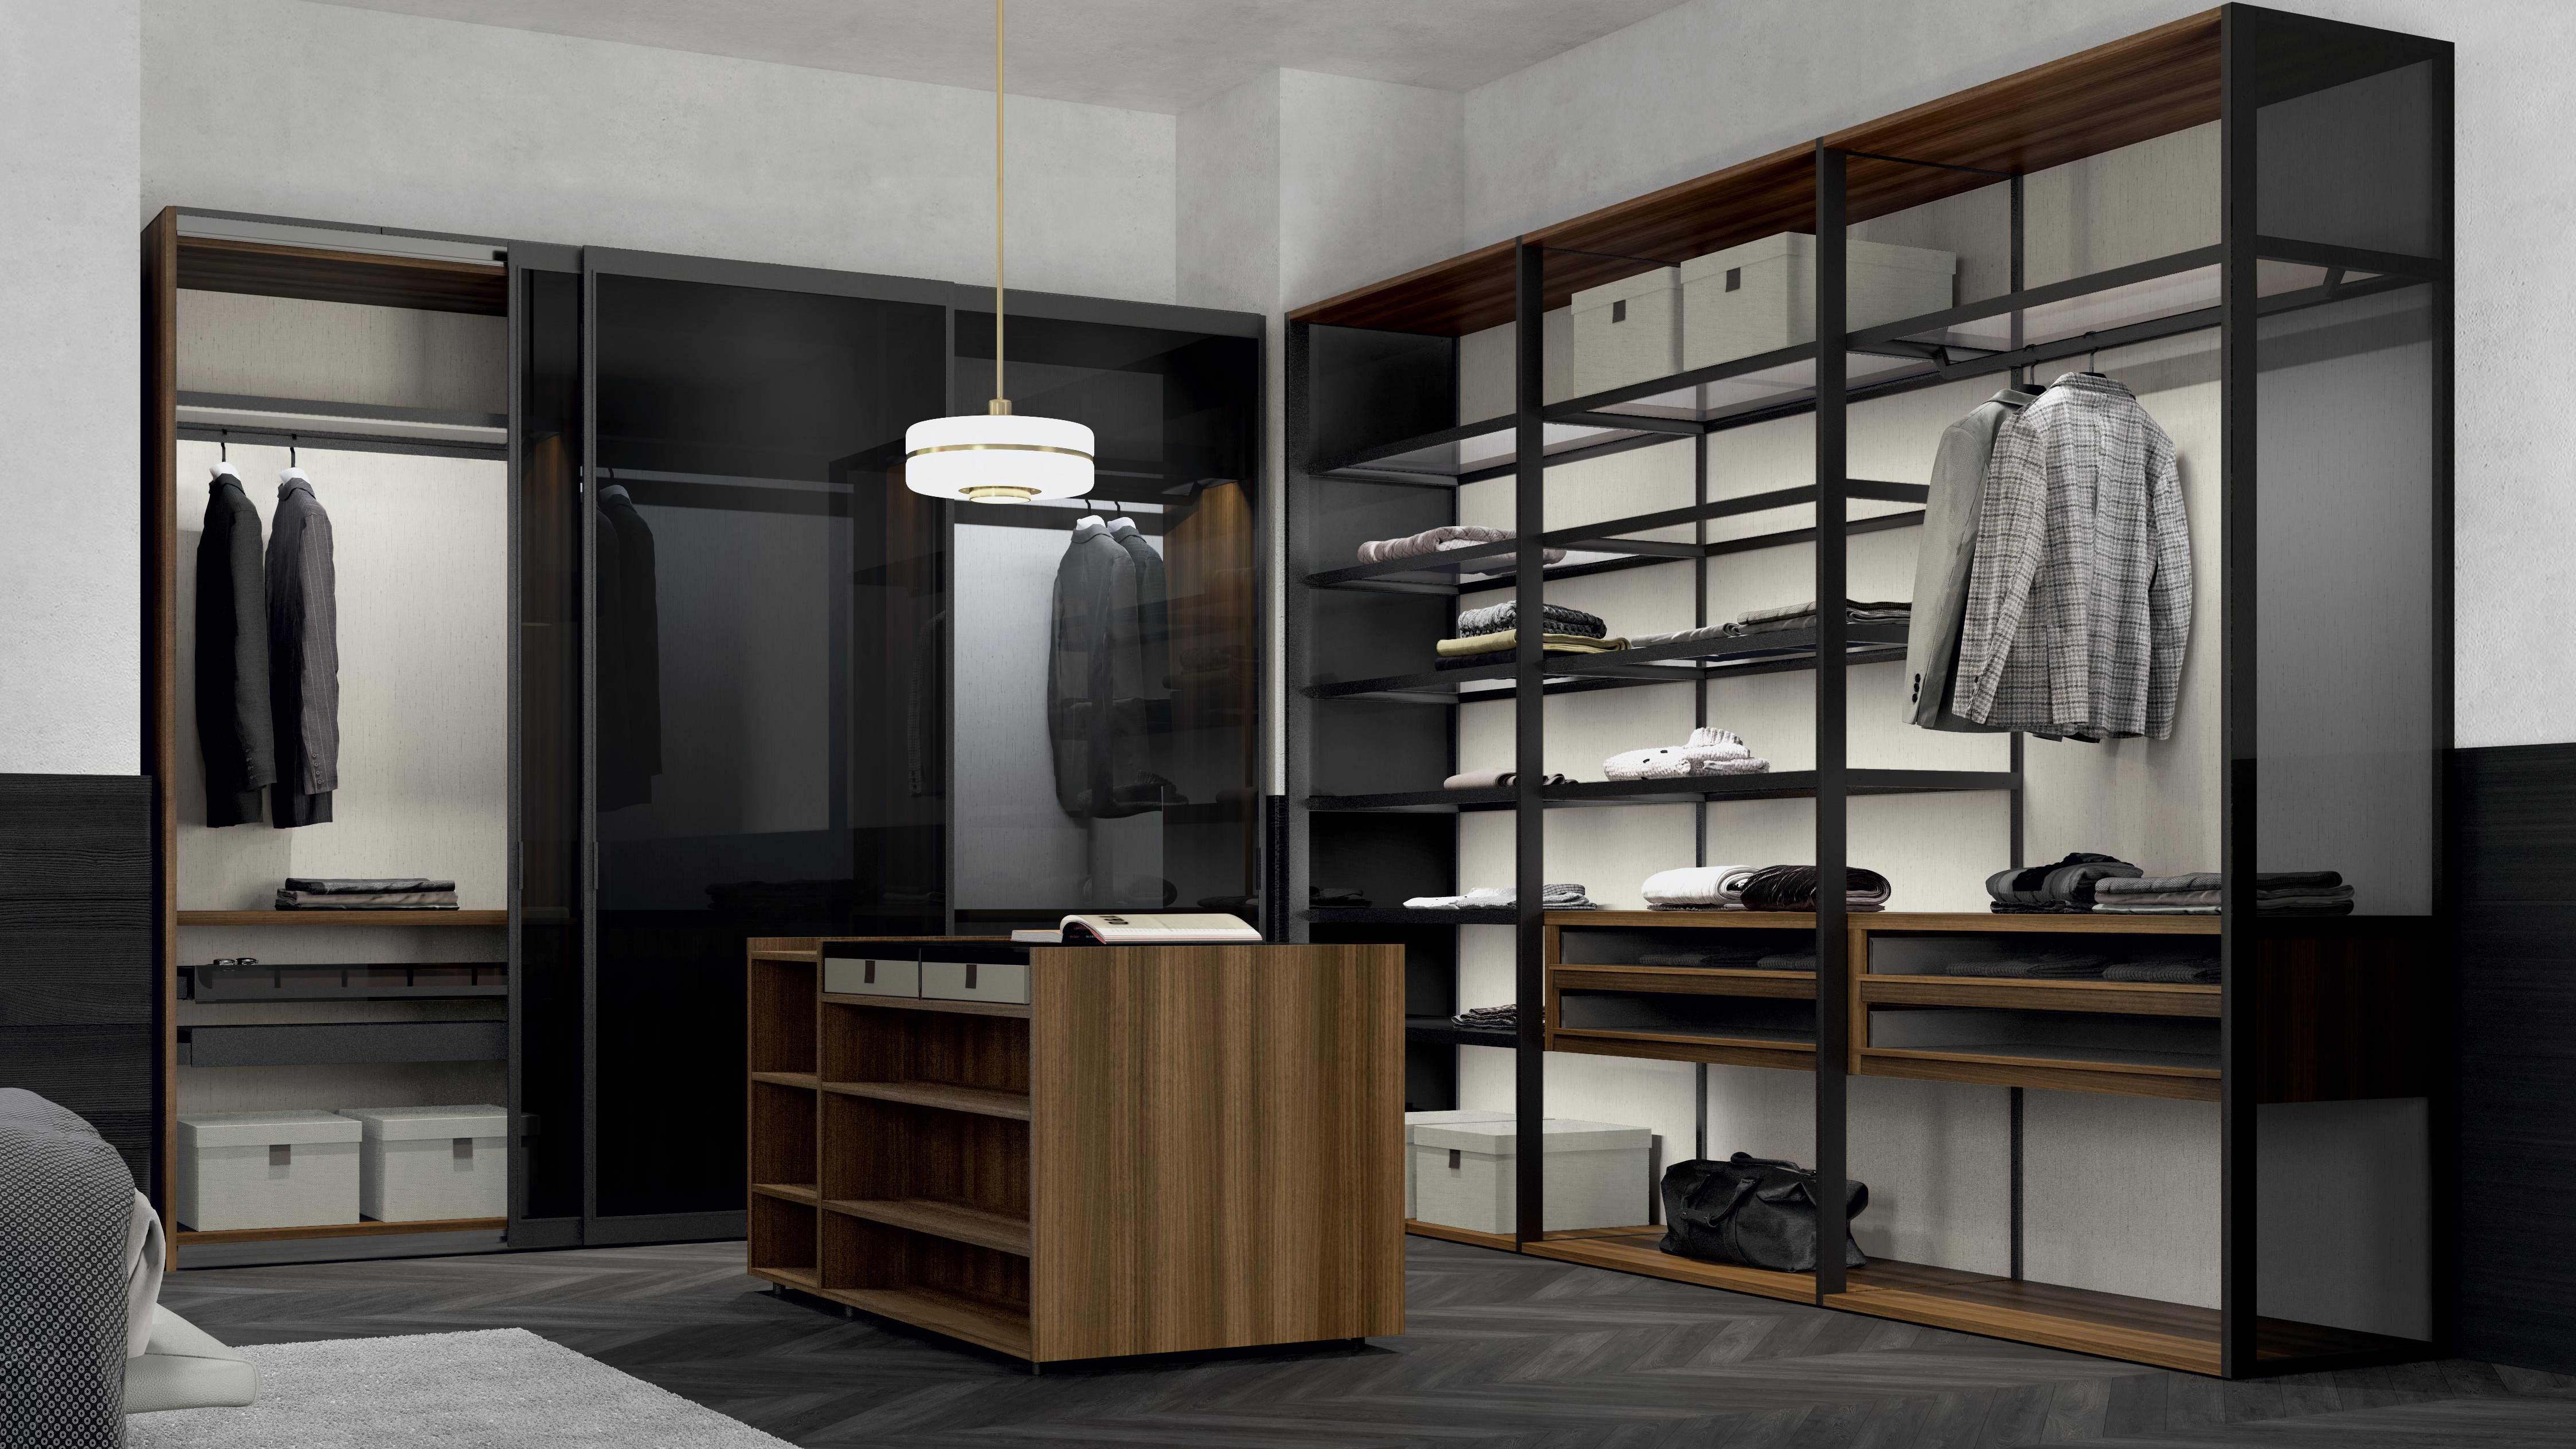 Camerette Colombini Con Cabina Armadio.Furniture For The Whole House Colombini Casa